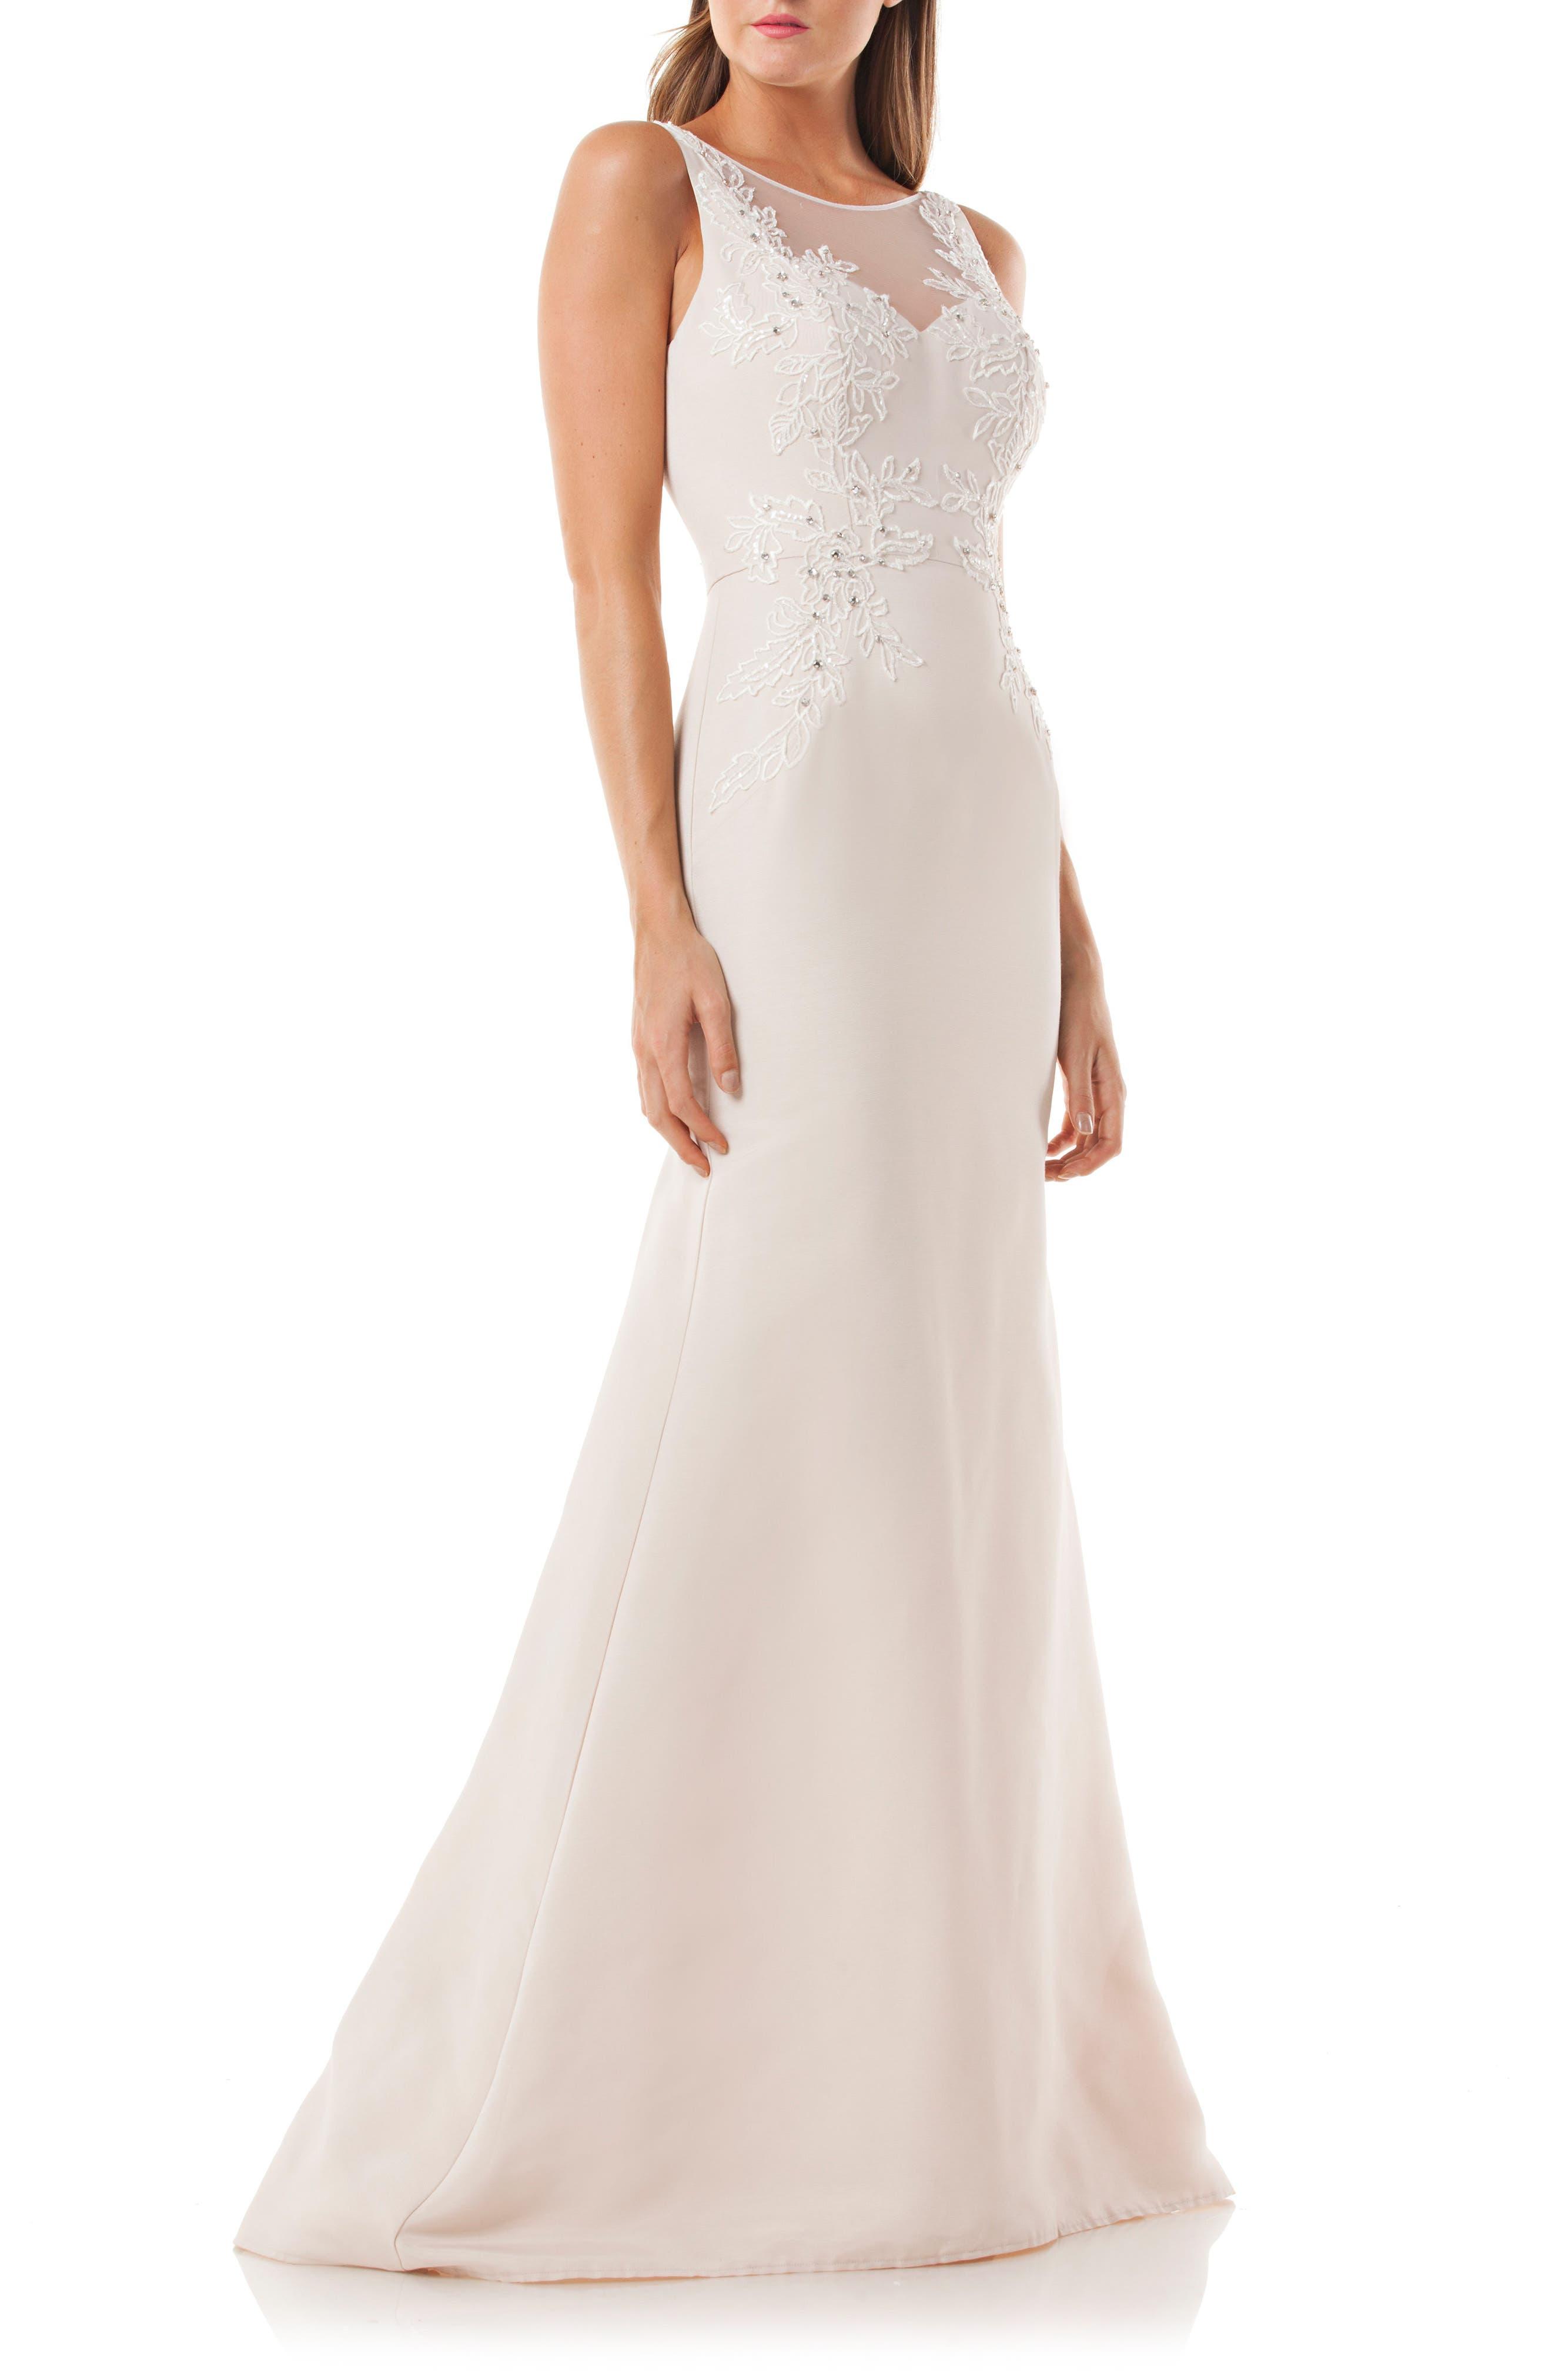 CARMEN MARC VALVO INFUSION Lace Appliqué Mermaid Gown, Main, color, 275